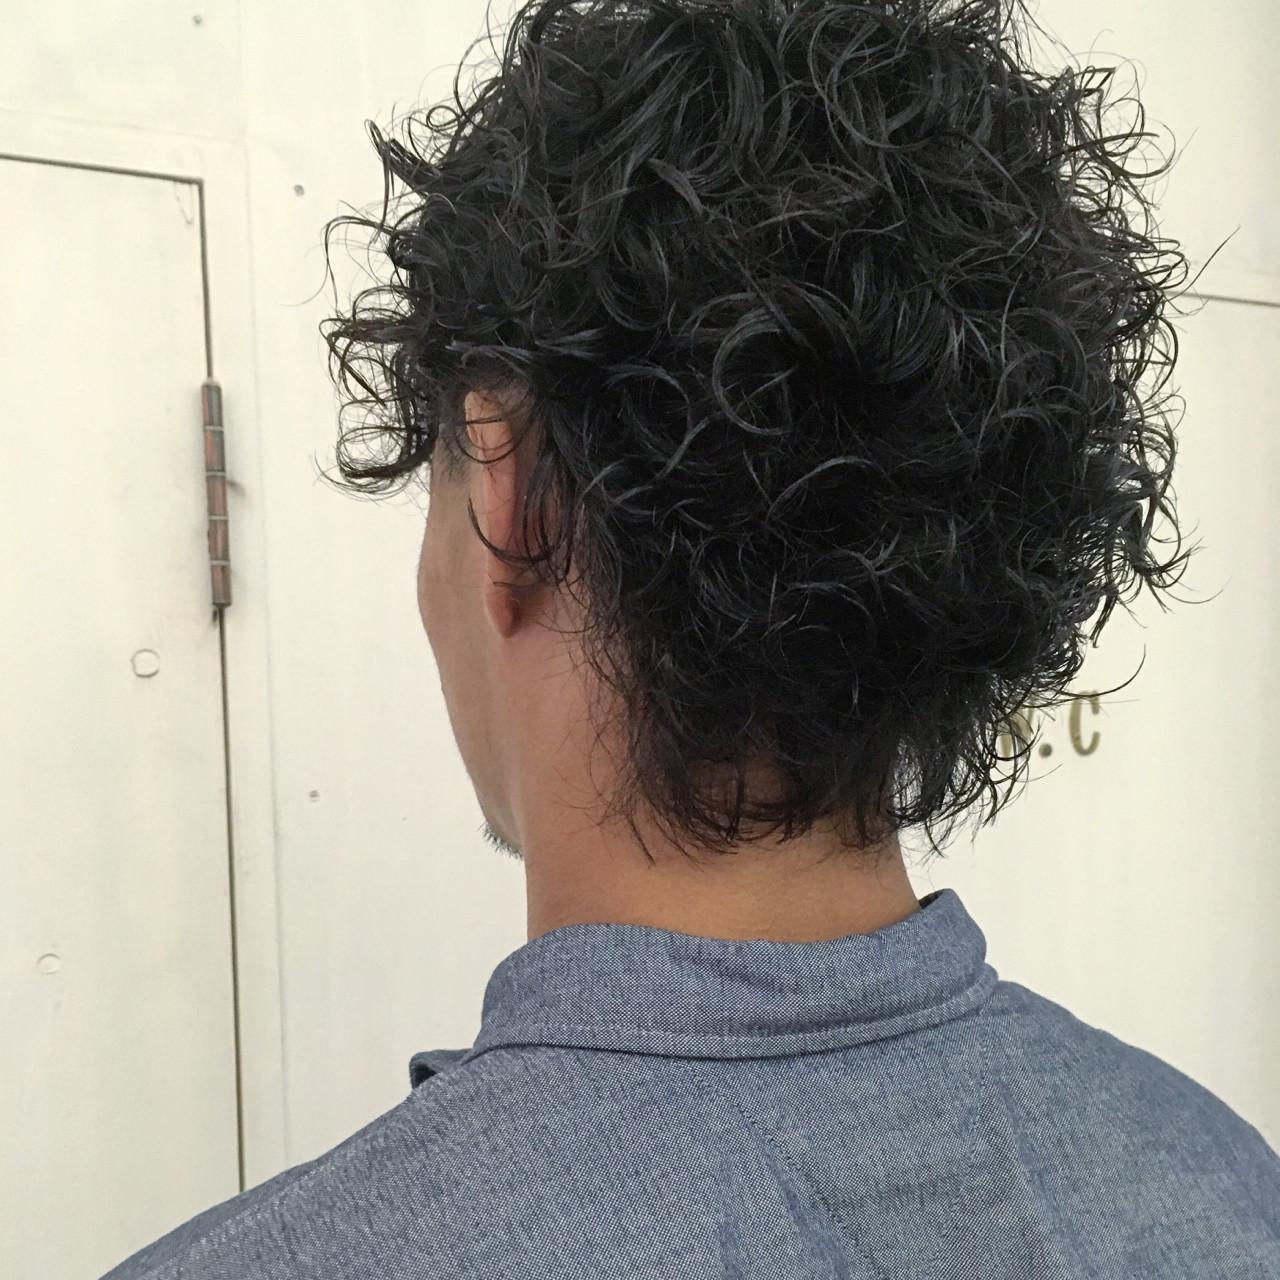 パーマ ボーイッシュ ストリート ショート ヘアスタイルや髪型の写真・画像